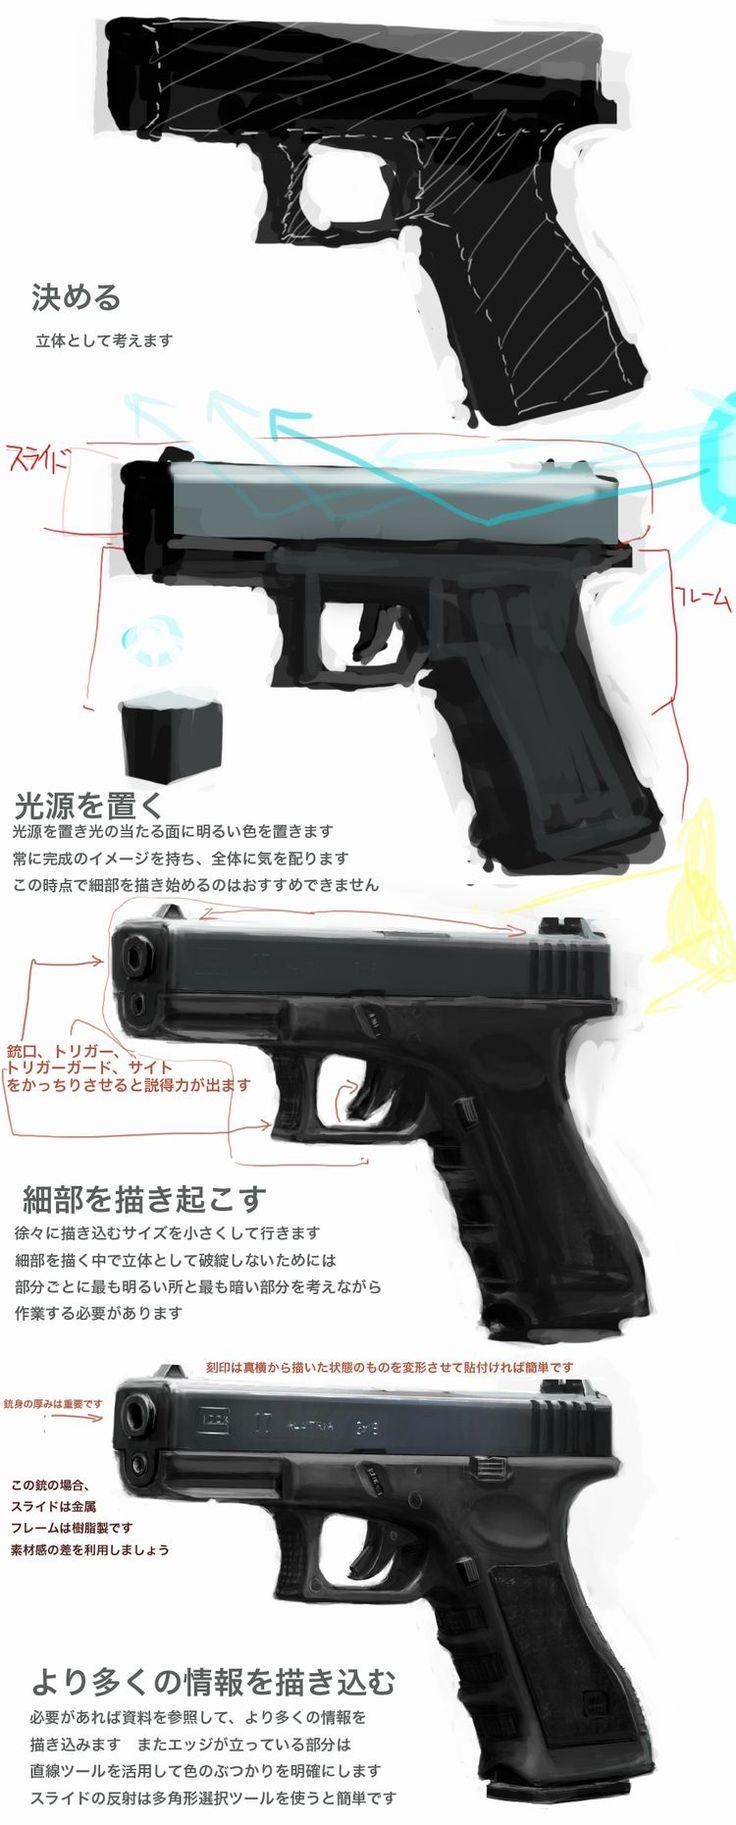 銃の描き方 : rossa mouna